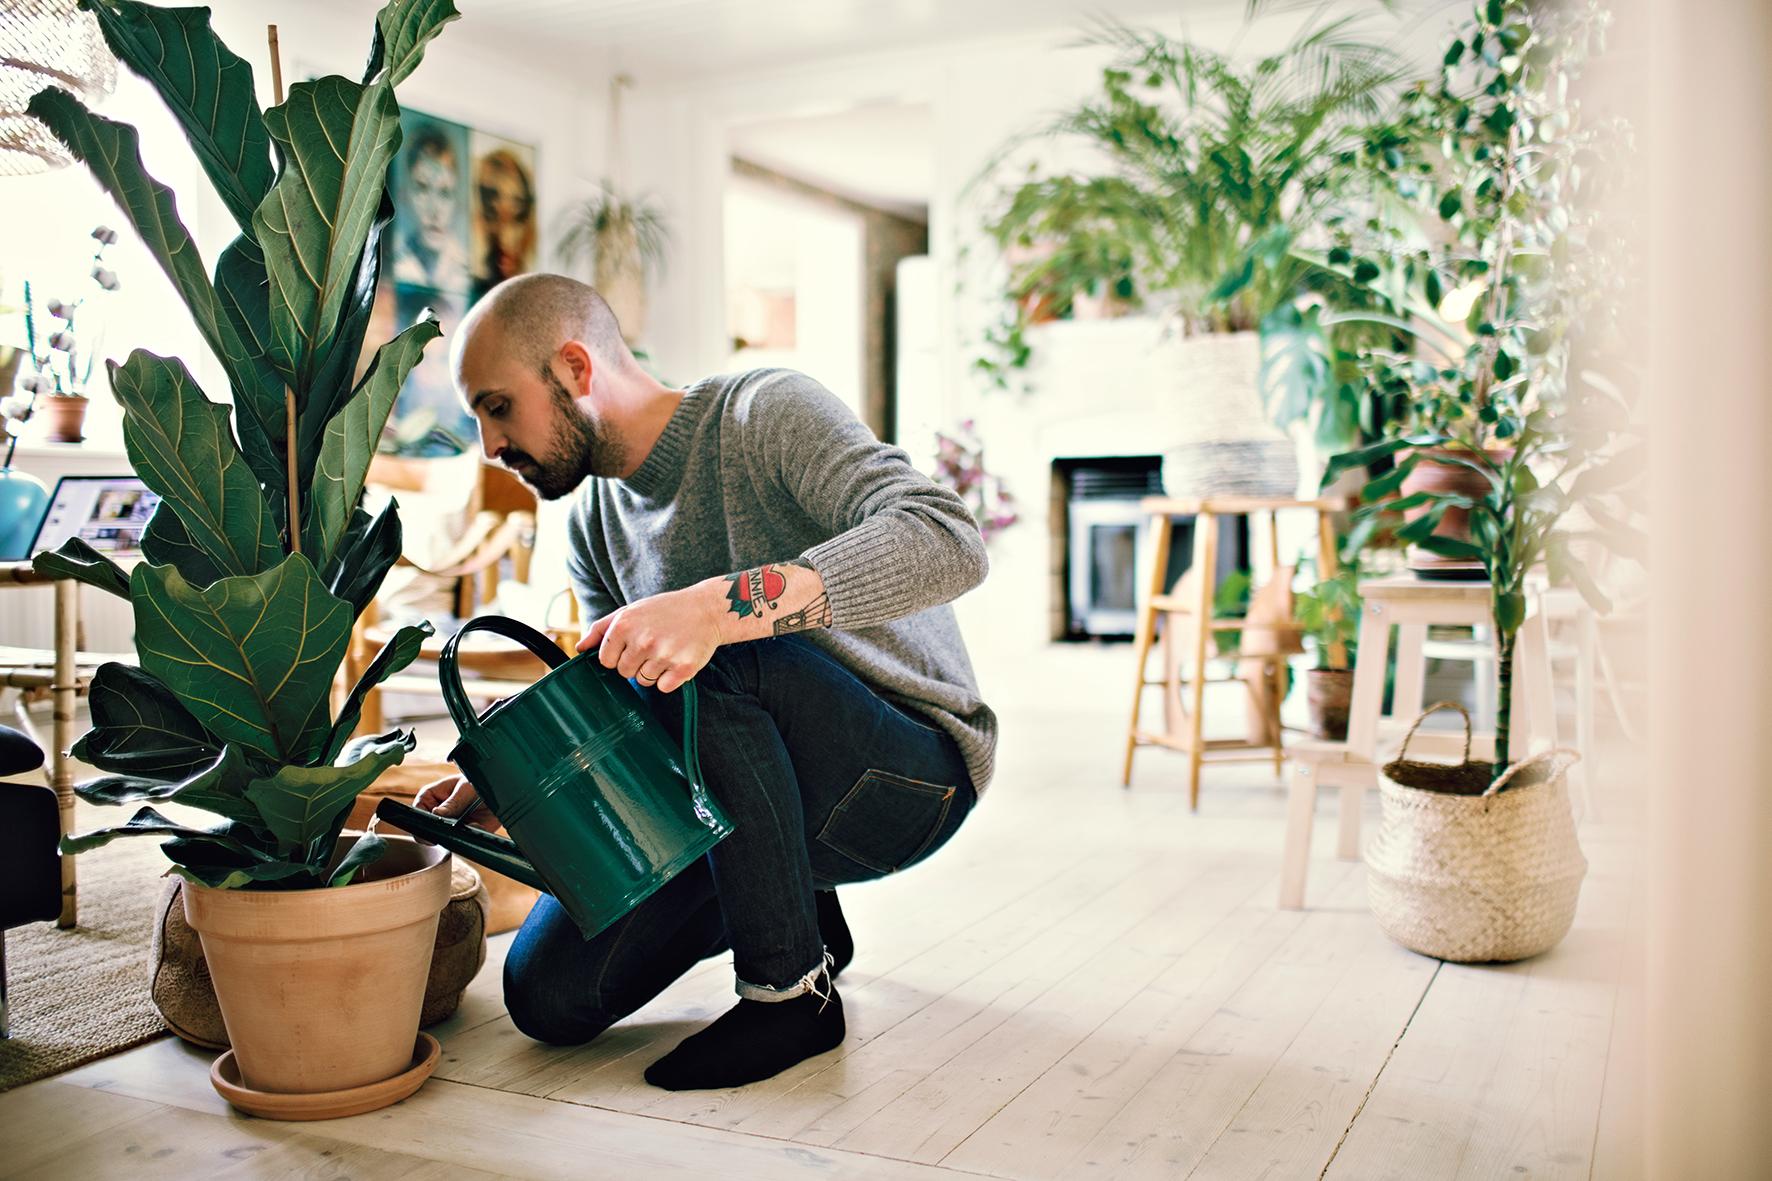 Op deze foto zie je een man een plant water geven